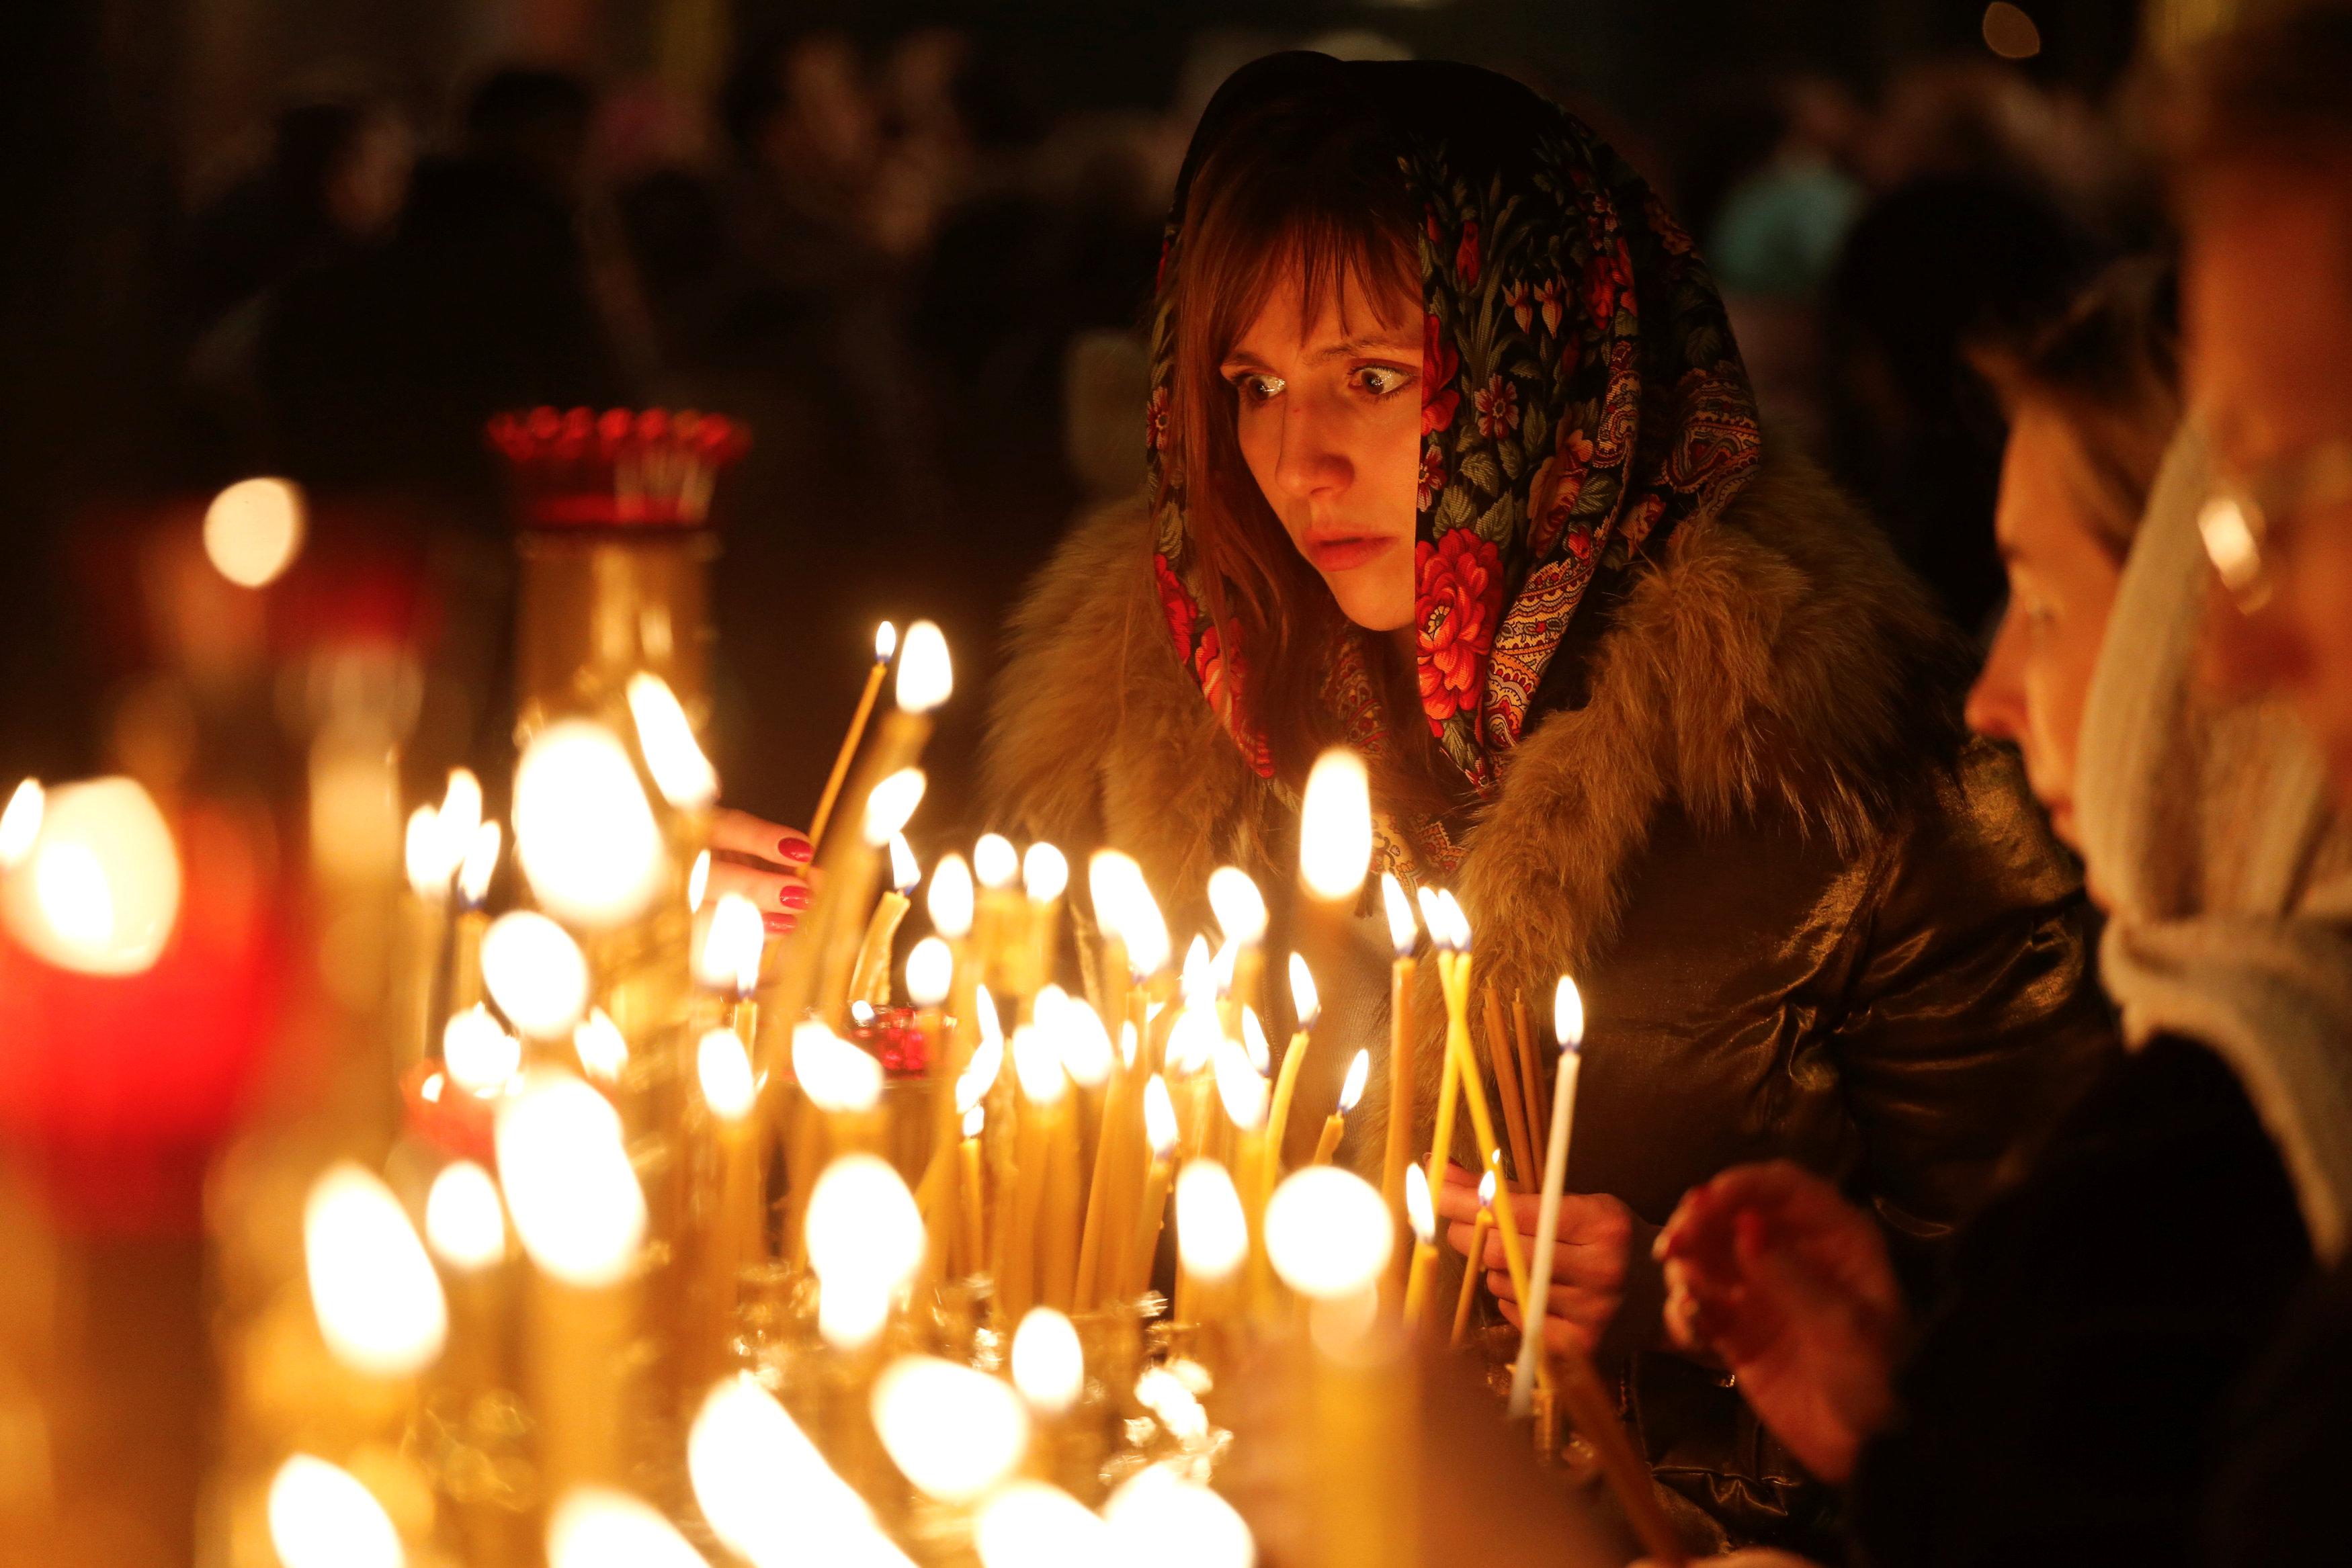 اضاءة الشموع خلال عيد الميلاد  (5)